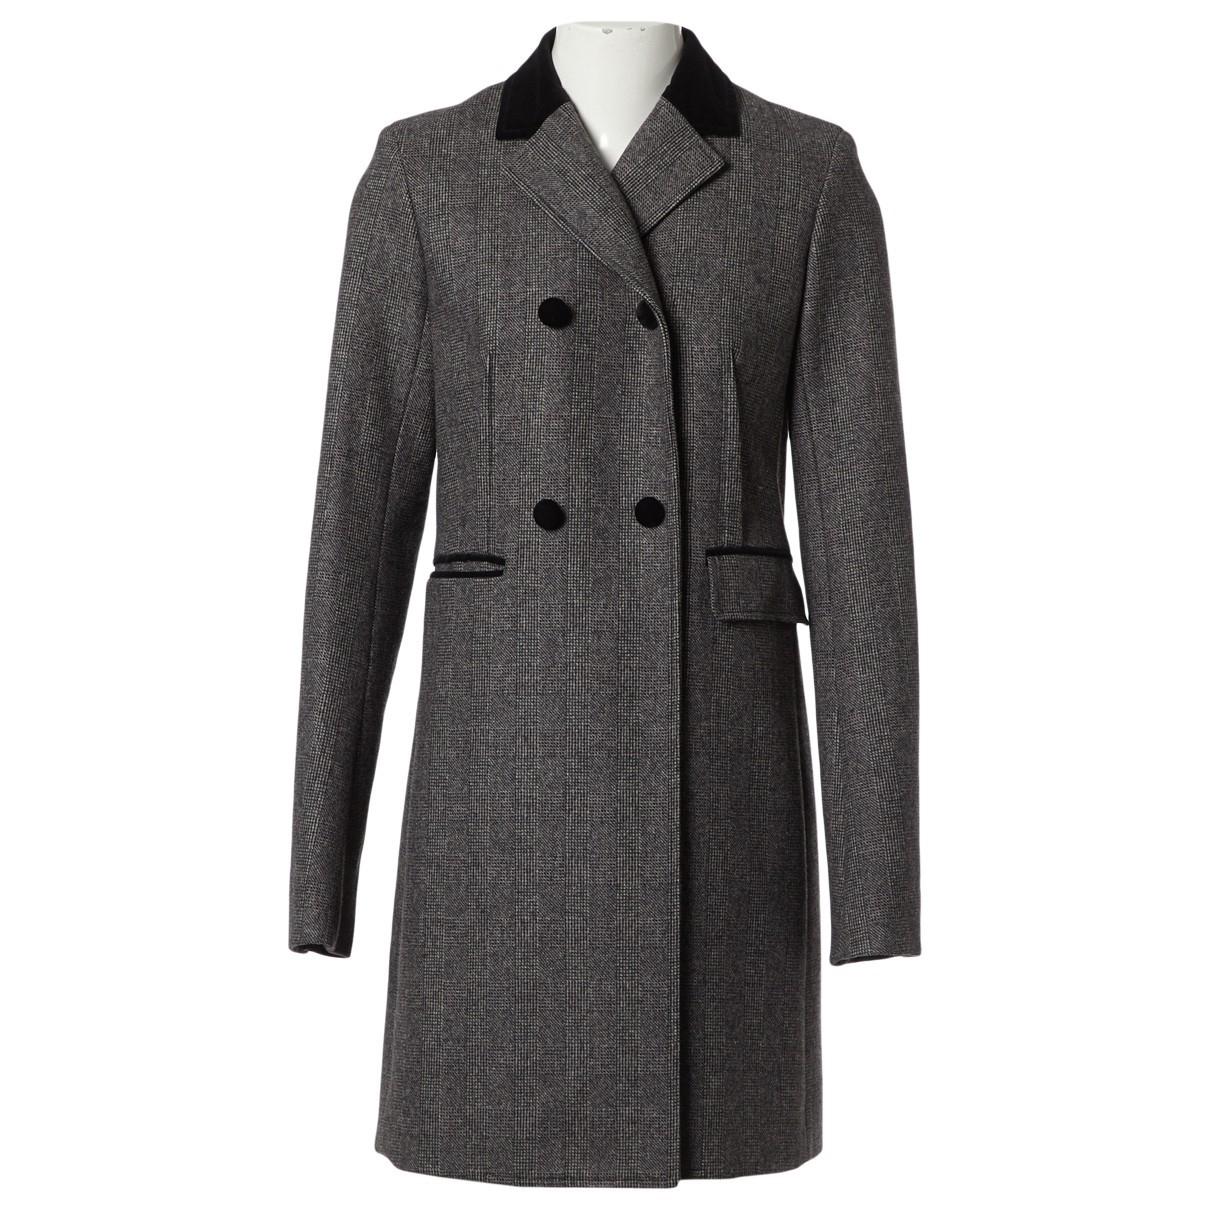 3.1 Phillip Lim - Manteau   pour femme en laine - gris